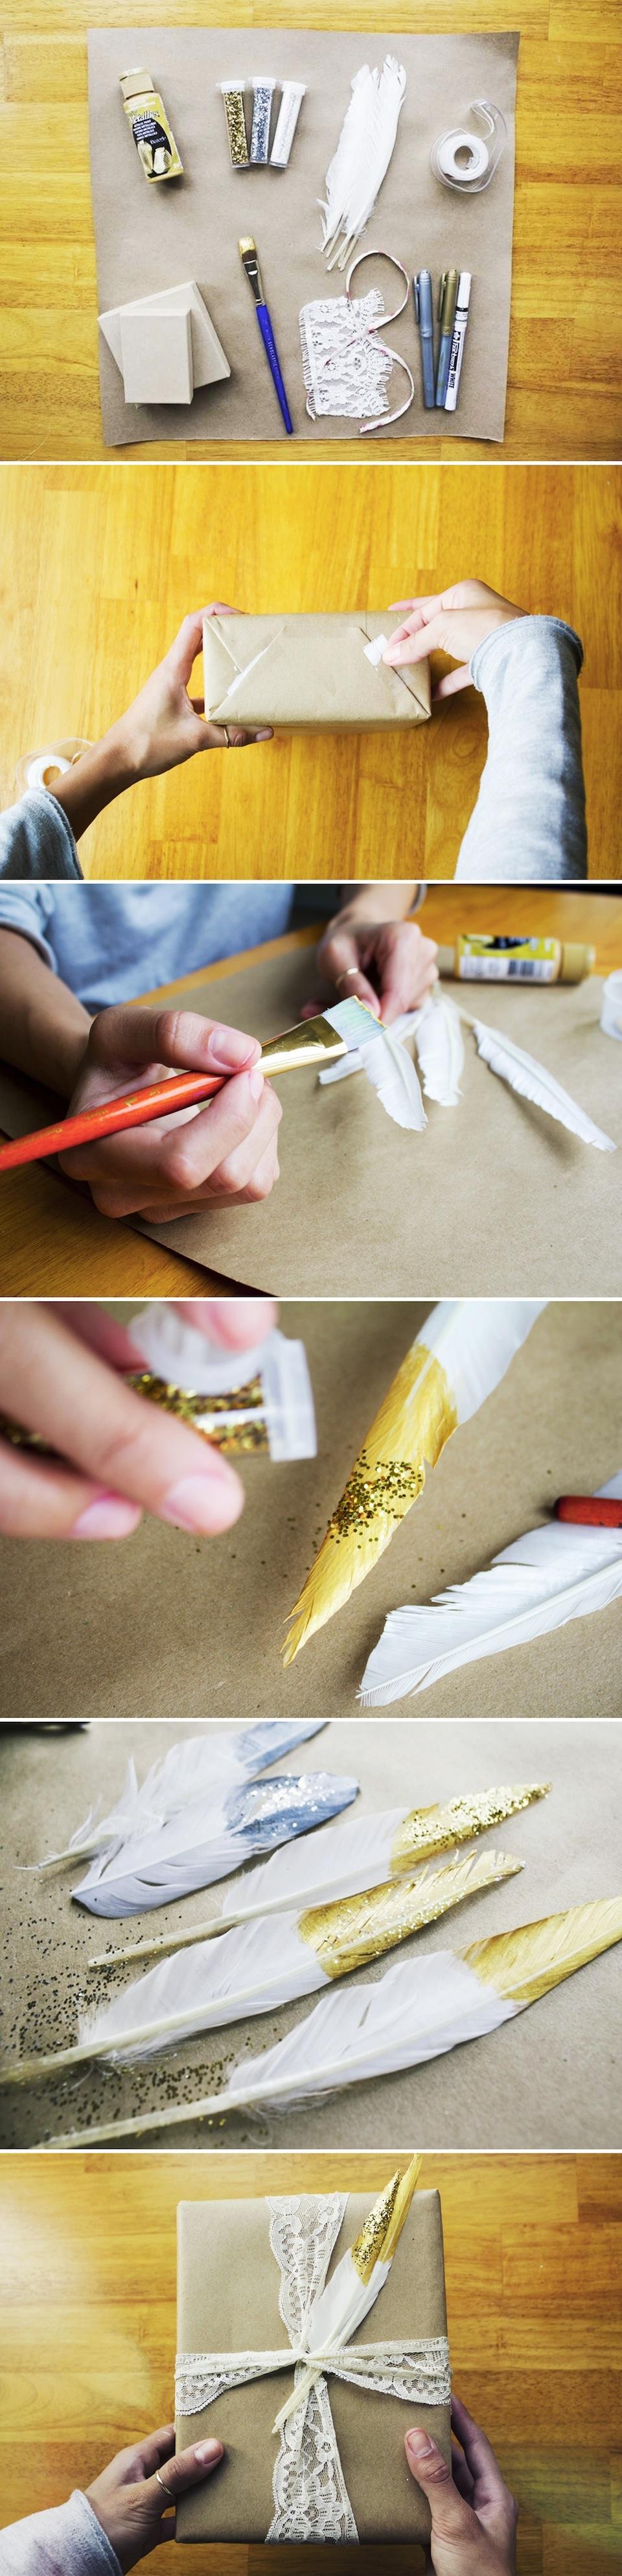 diy Pretty Gift wrap diy crafts craft ideas easy crafts diy ideas crafty easy diy craft necklace craft gifts diy gift wrap